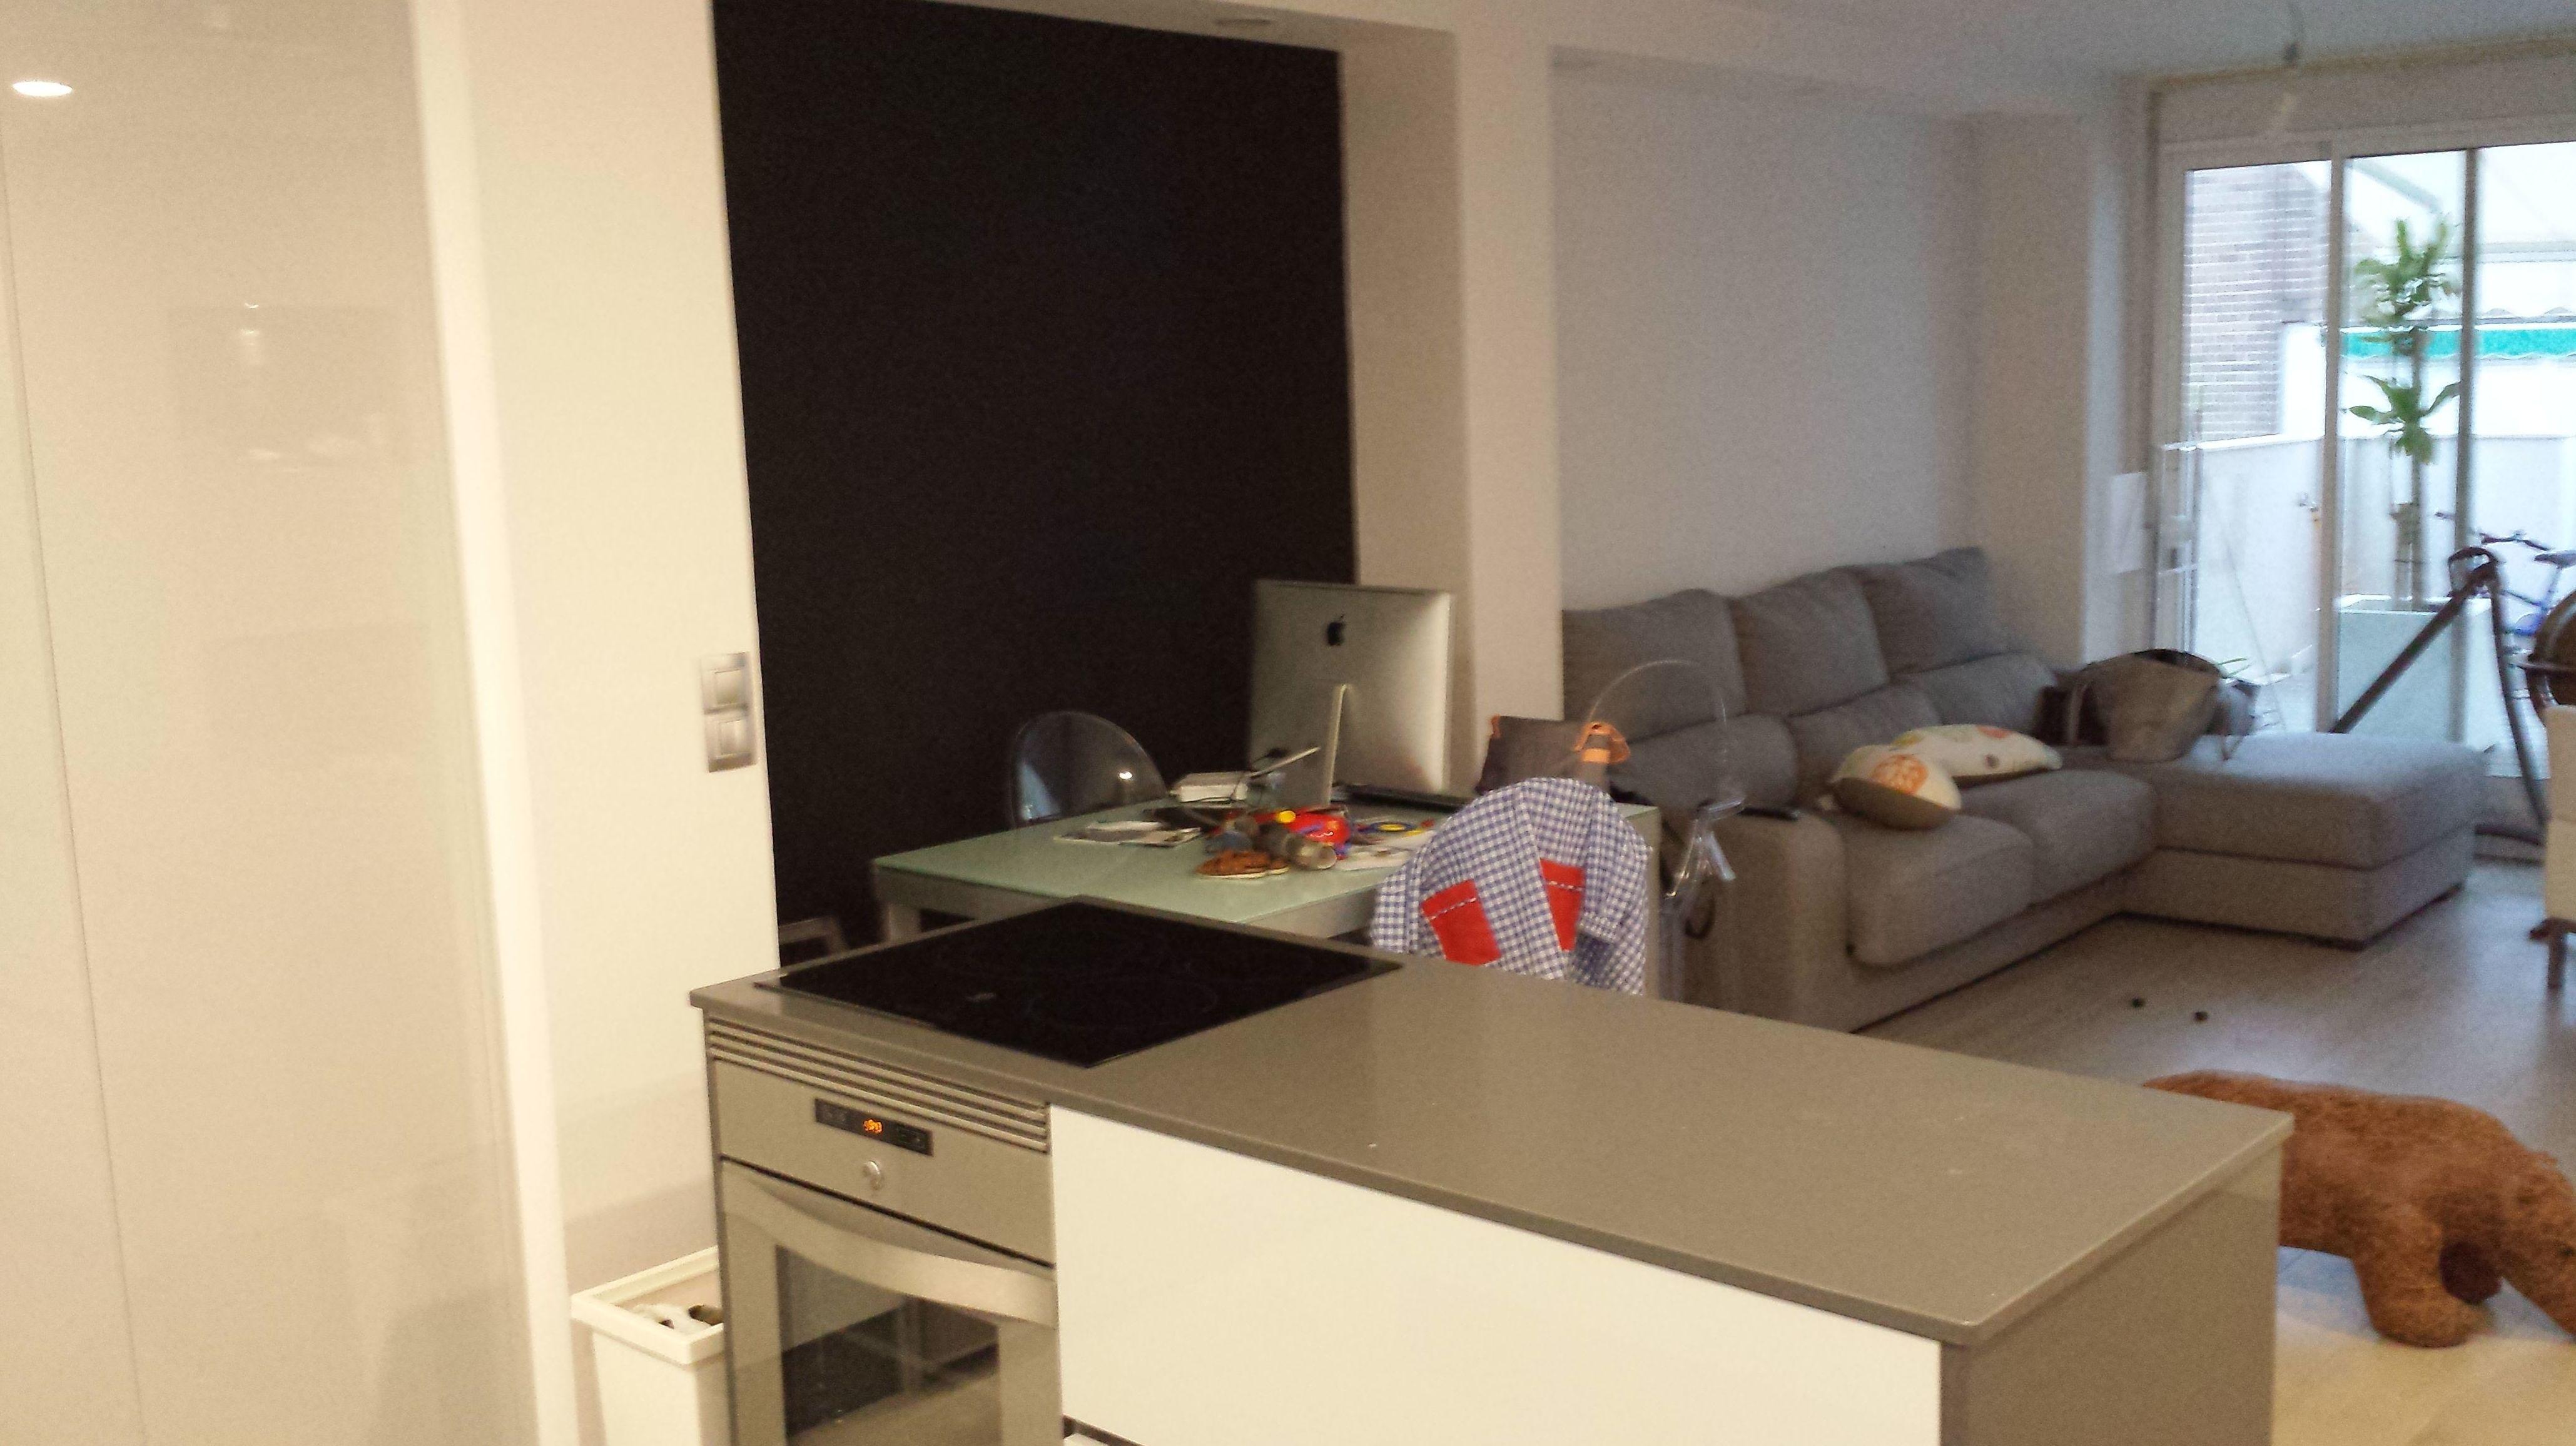 Foto 53 de Interiorismo, albañilería y reformas en Alicante | Maela Interiorismo